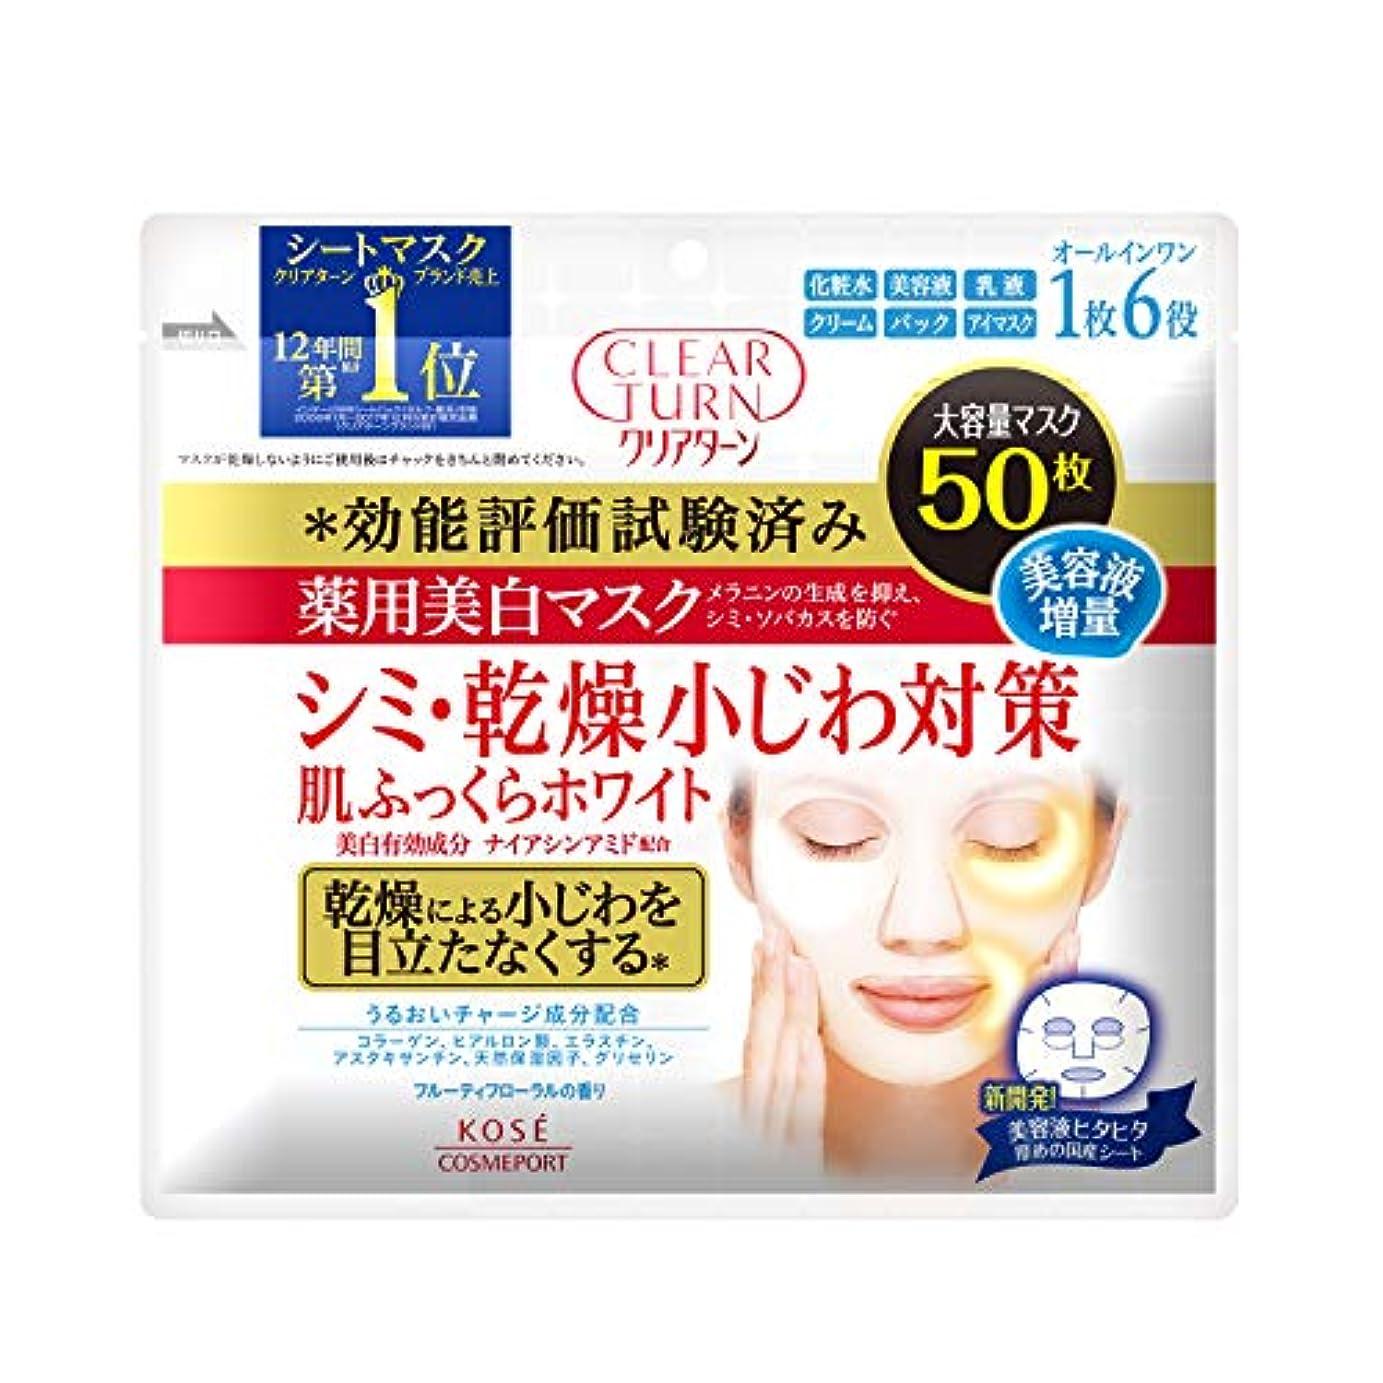 公平拘束する待つKOSE コーセー クリアターン 薬用美白 肌ホワイト マスク 50枚 フェイスマスク (医薬部外品)